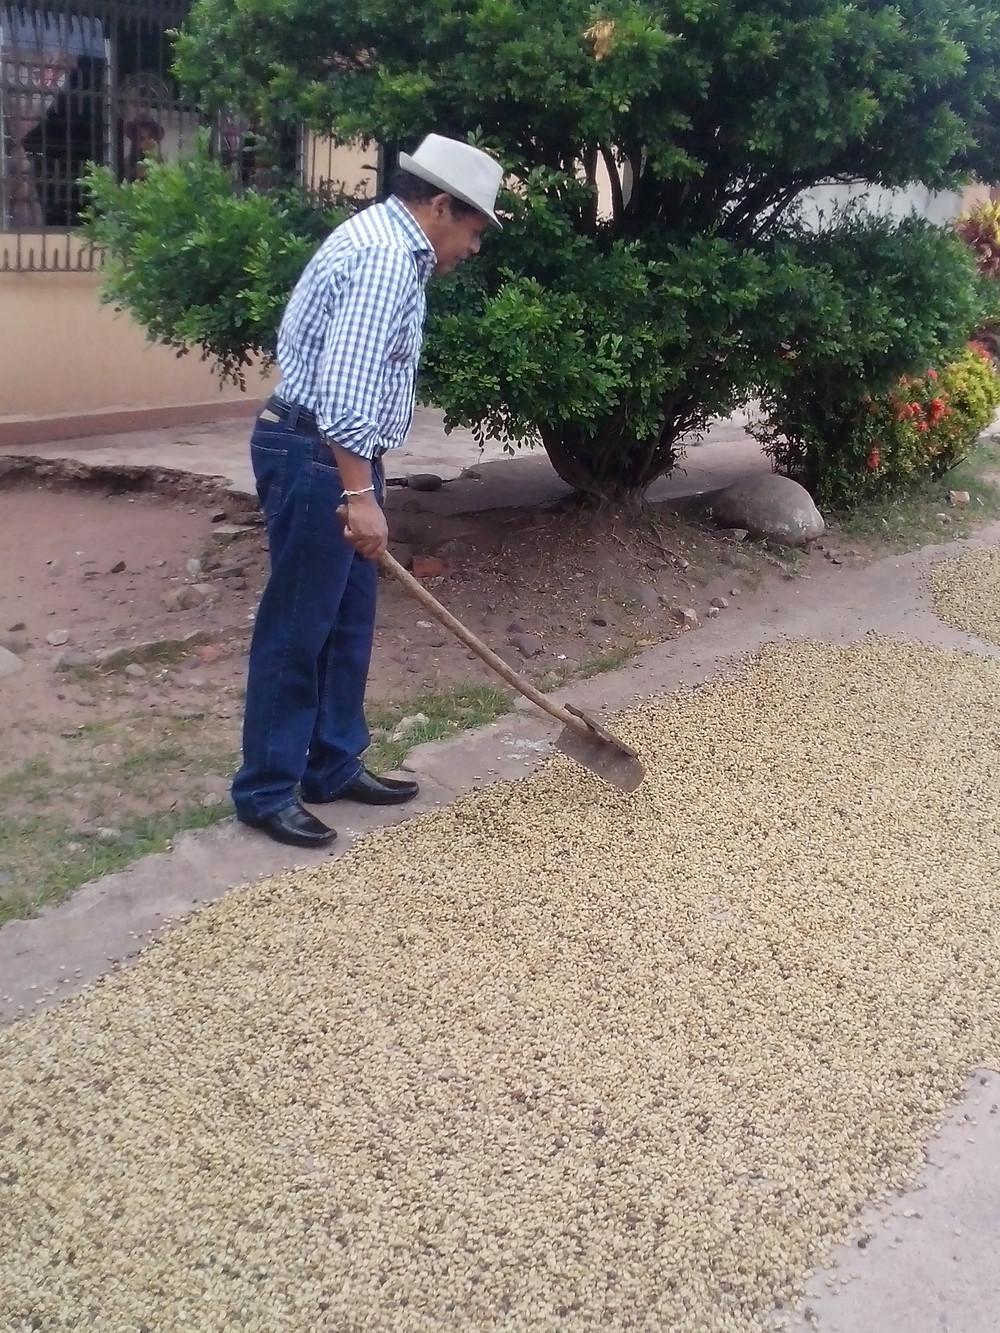 Rosendo Romero, secando café. Barrio El Cafetal en Villanueva, La Guajira. Foto: Mariaruth Mosquera.